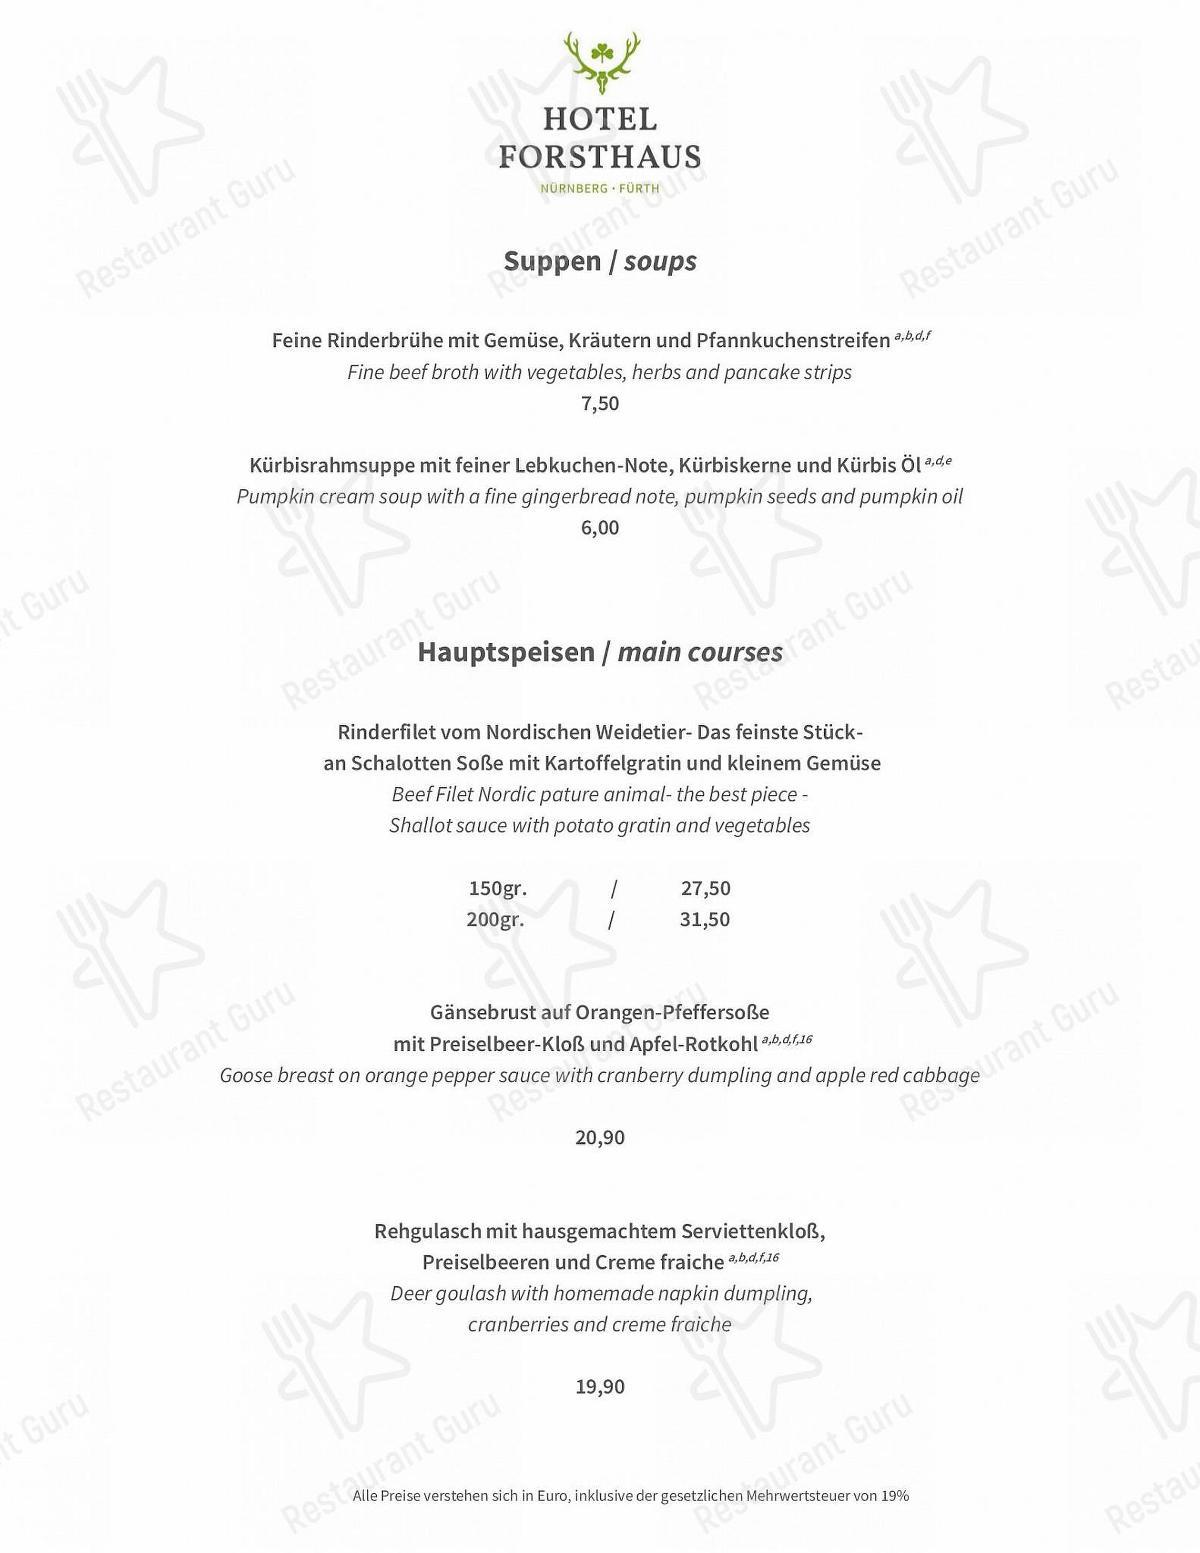 Waldrestaurant Speisekarte - Essen und Getränke